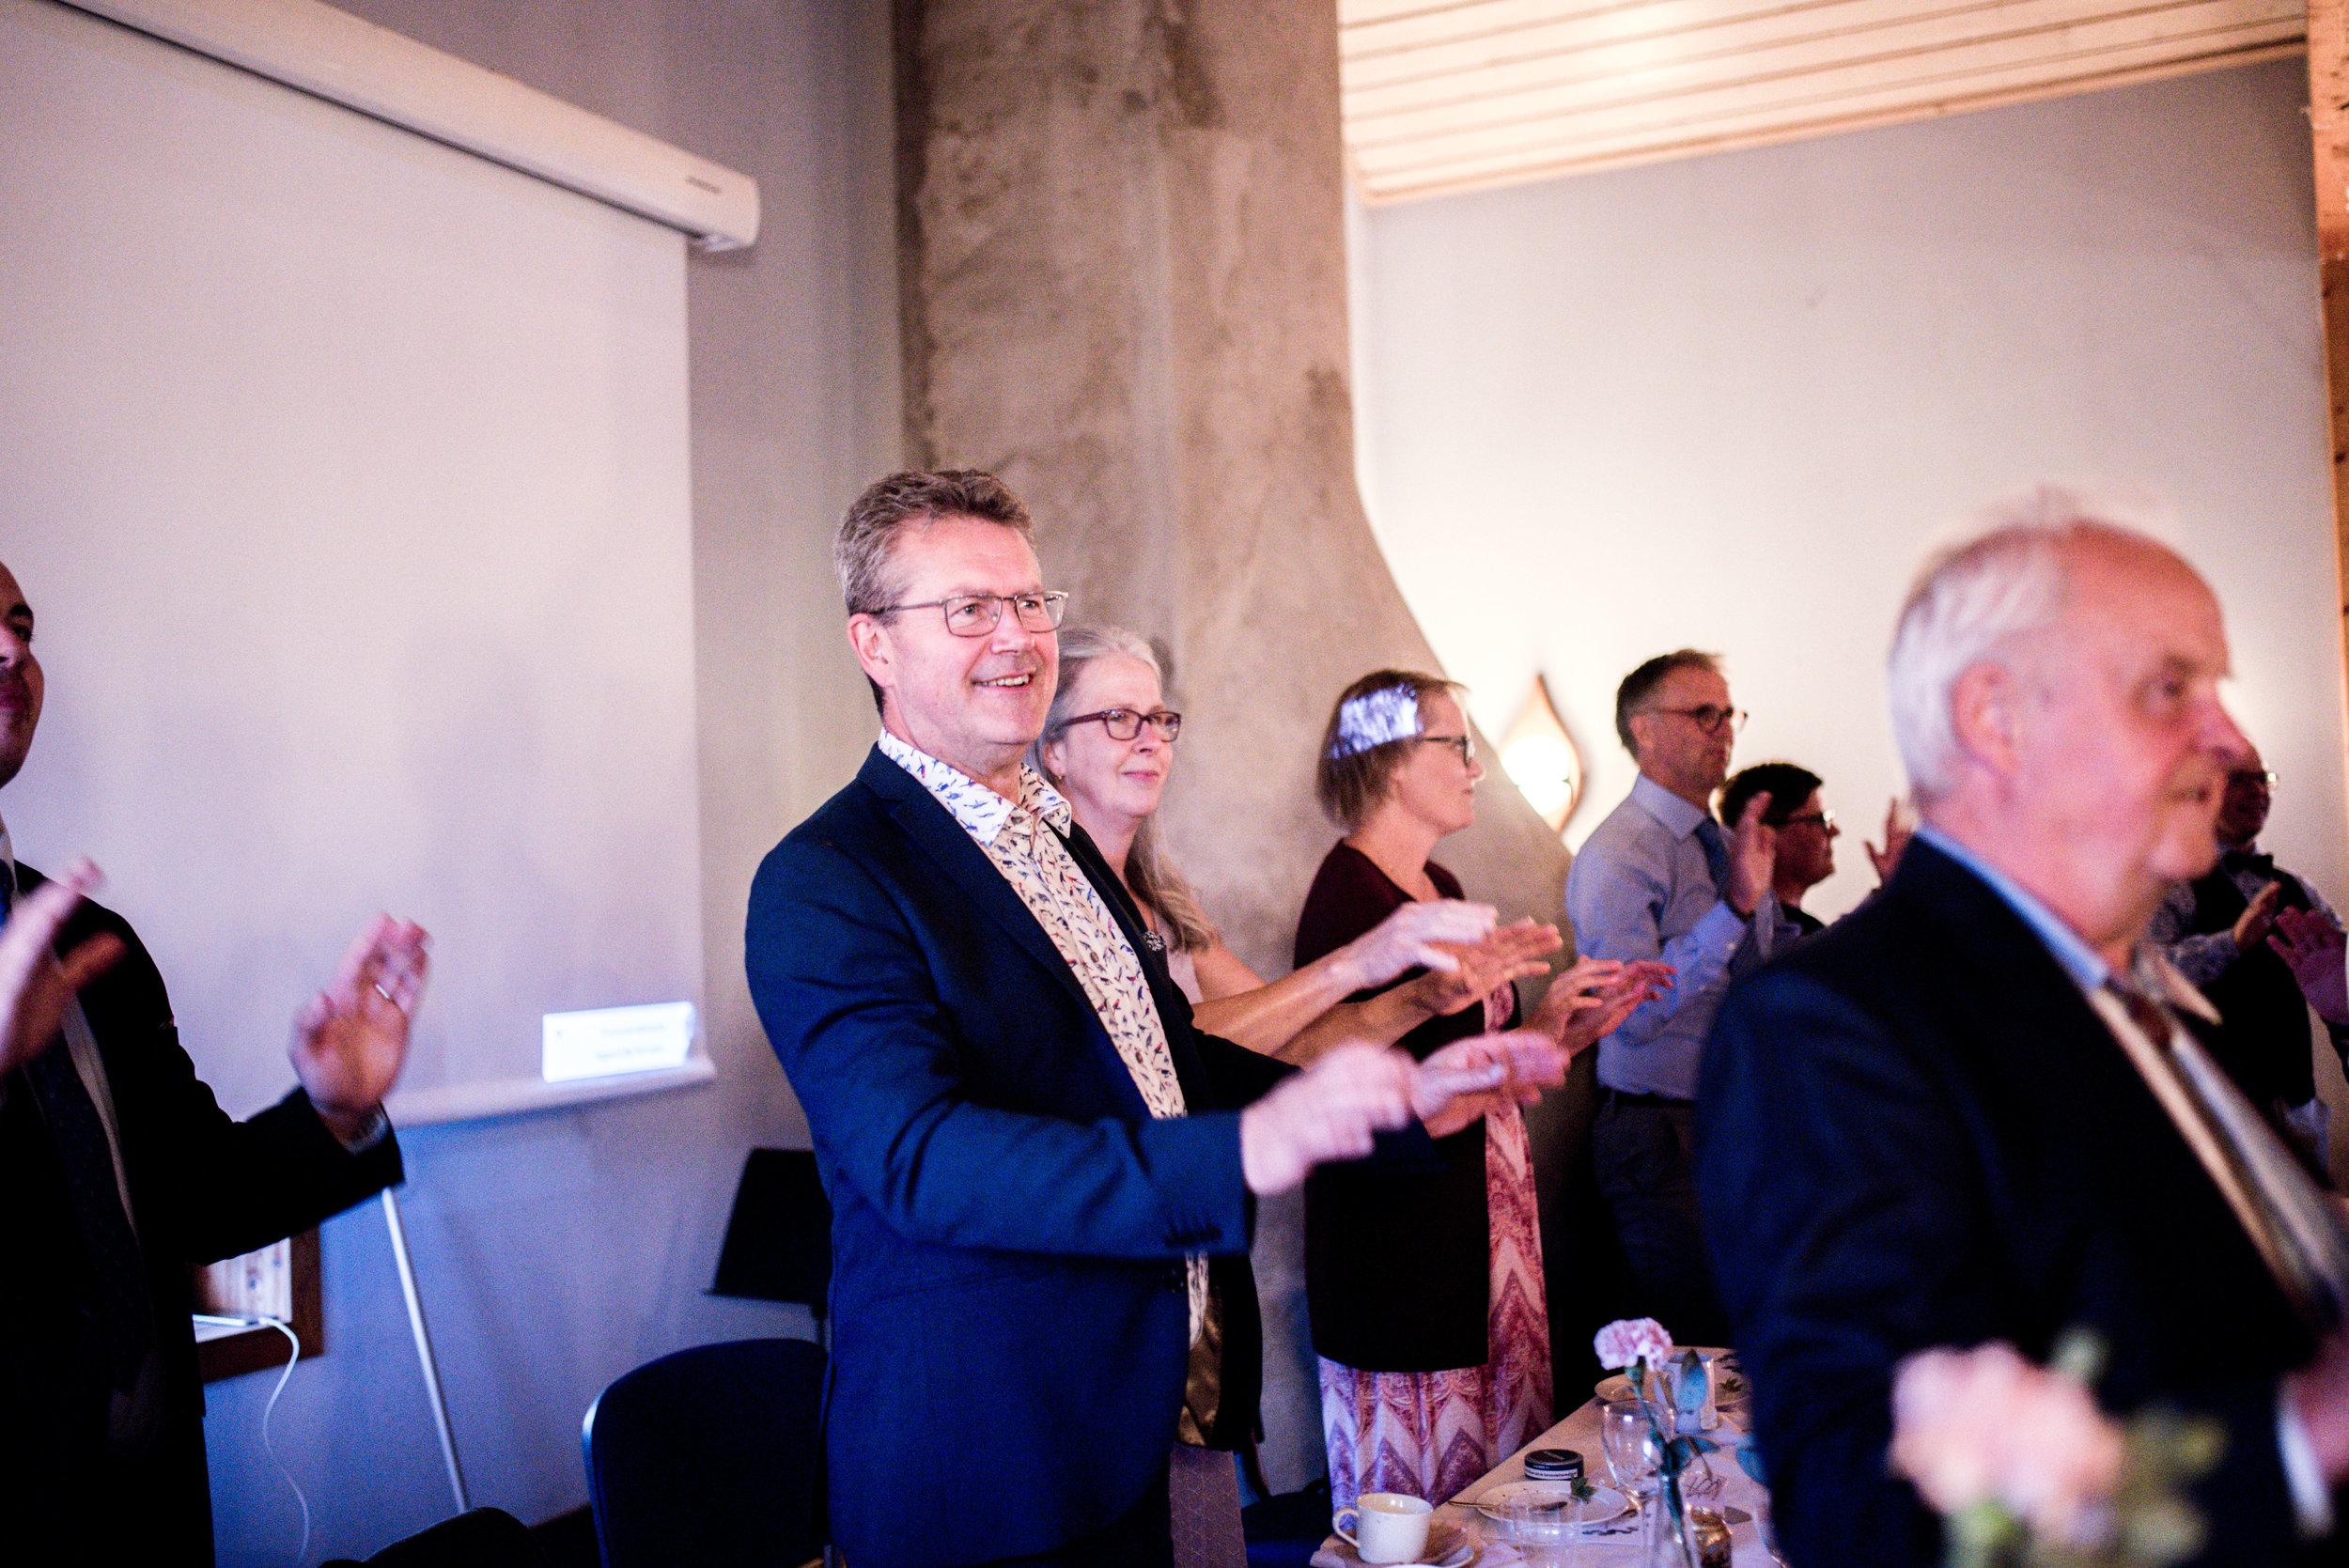 Bröllop2019lågkvall2-6411.jpg